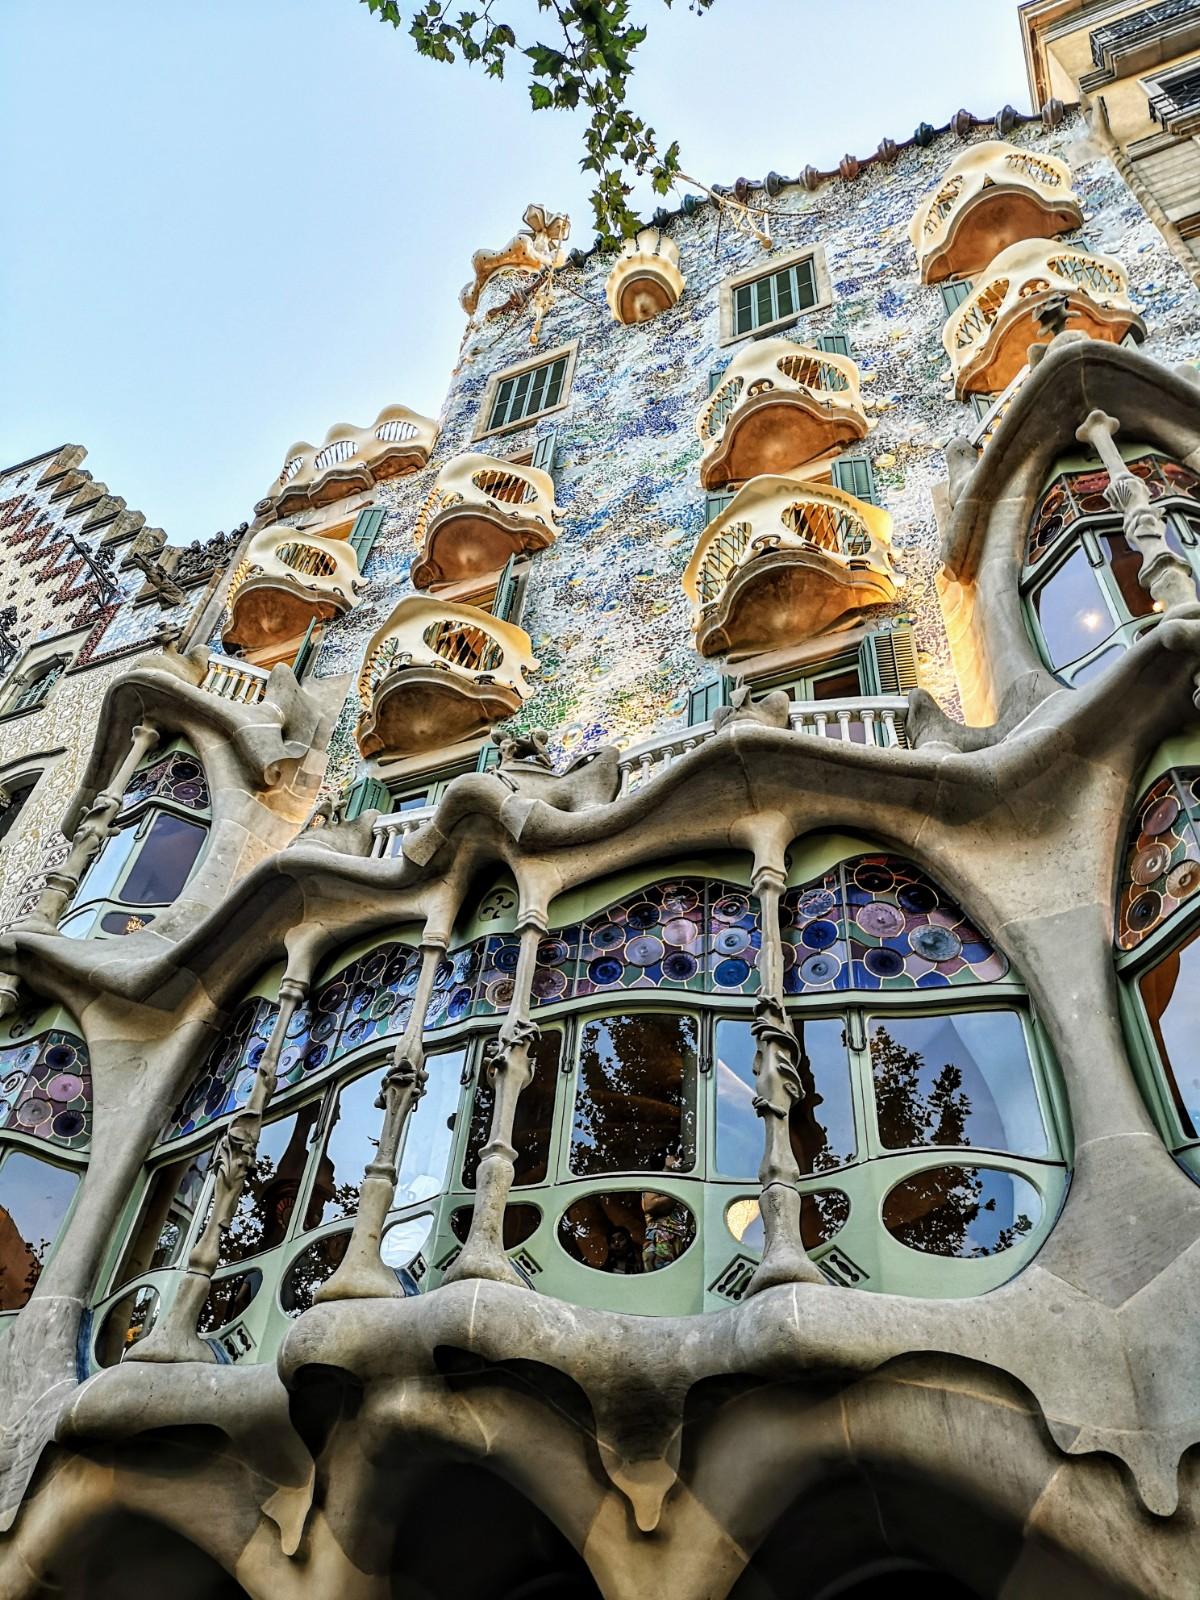 Un viaje en el tiempo. La magia de una mente creativa, la belleza del respeto eterno…Gaudí , casa Batlló